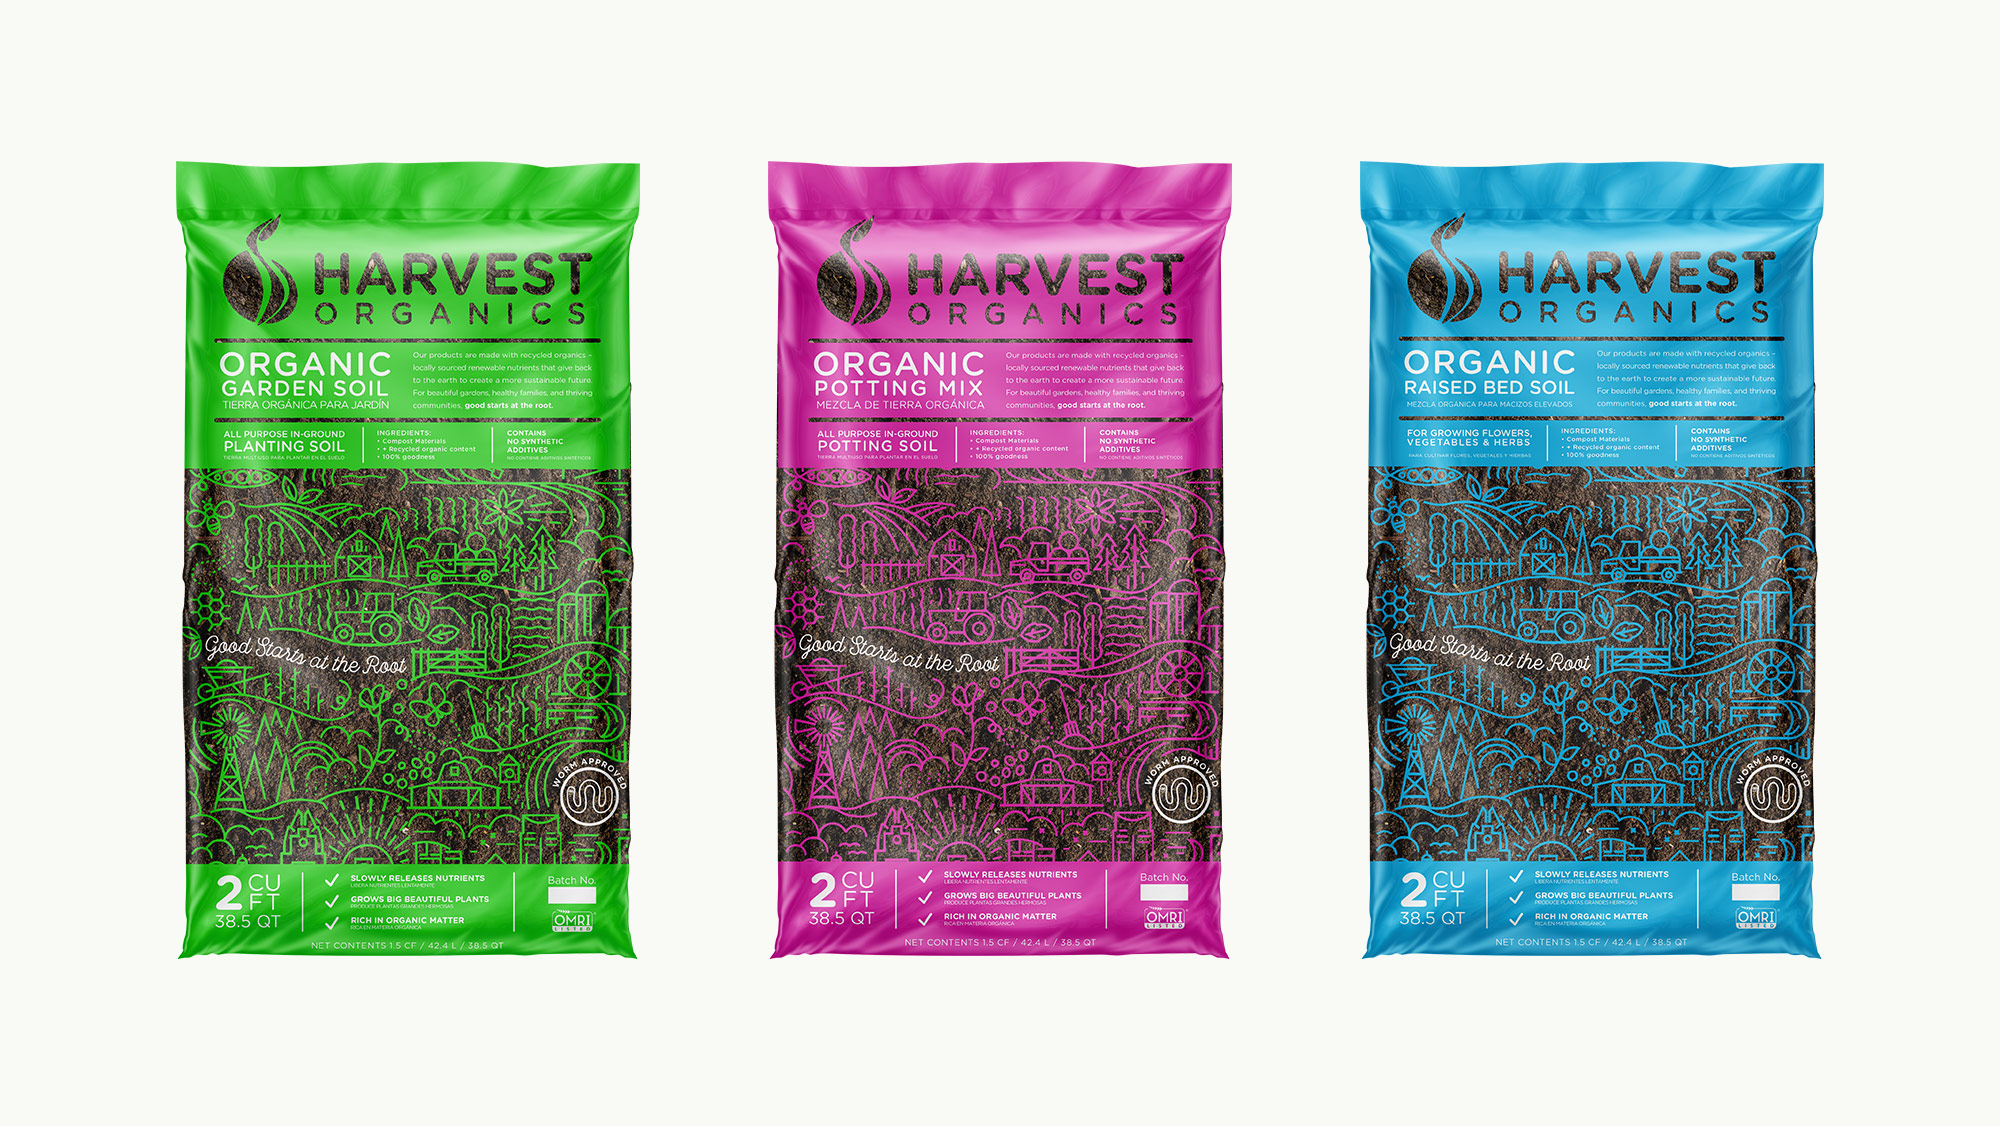 harvest-packaging-1.jpg